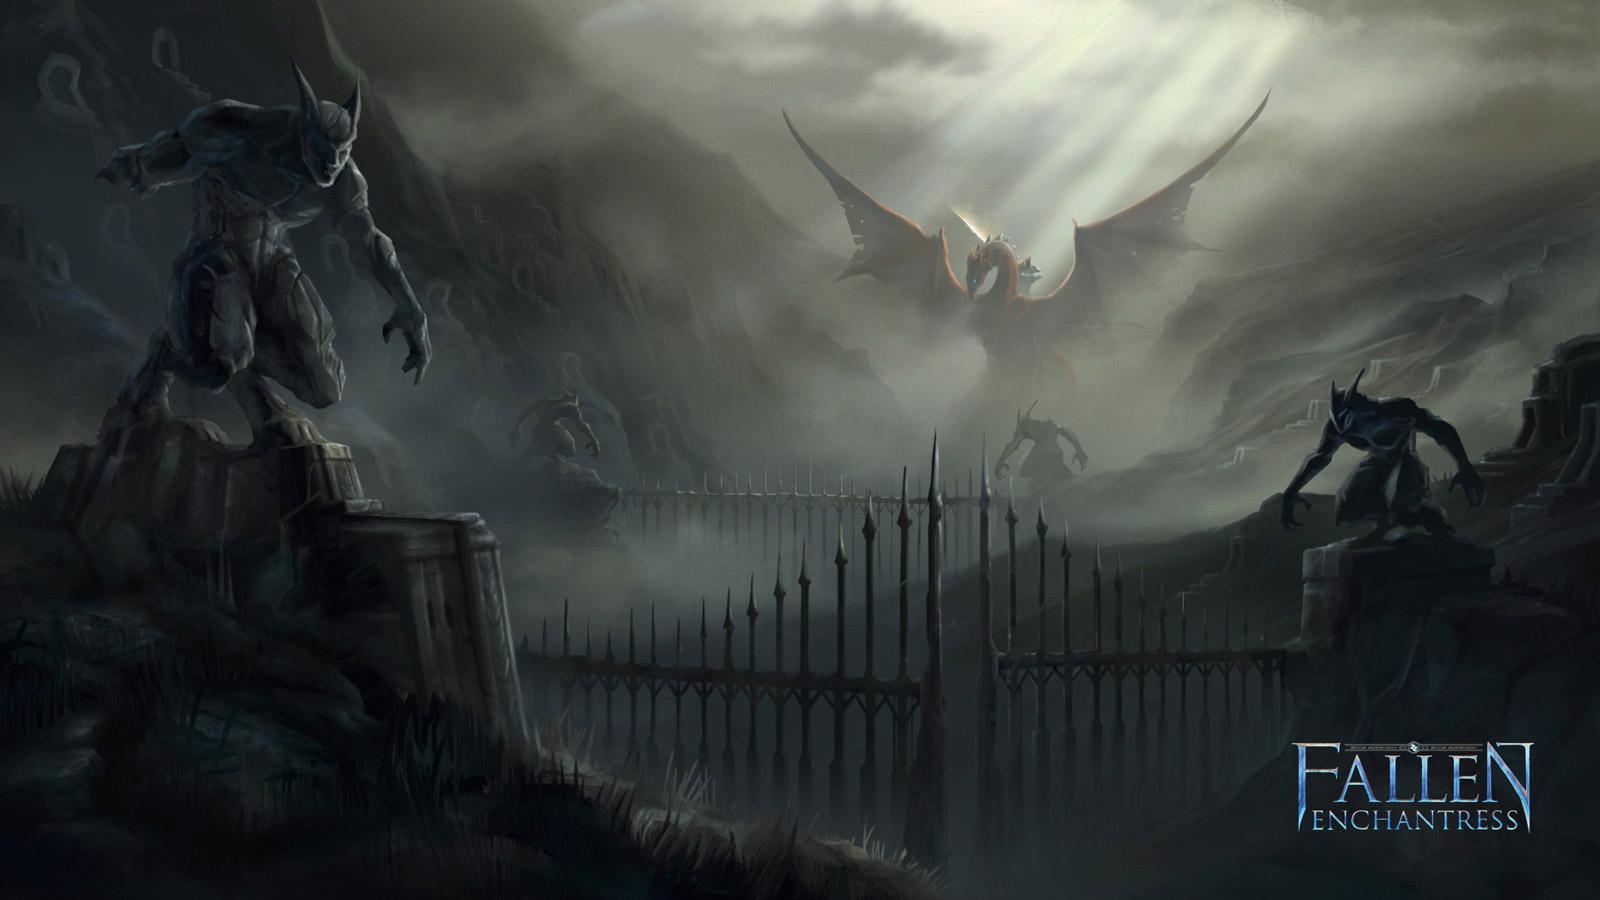 Free Fallen Enchantress Wallpaper in 1600x900